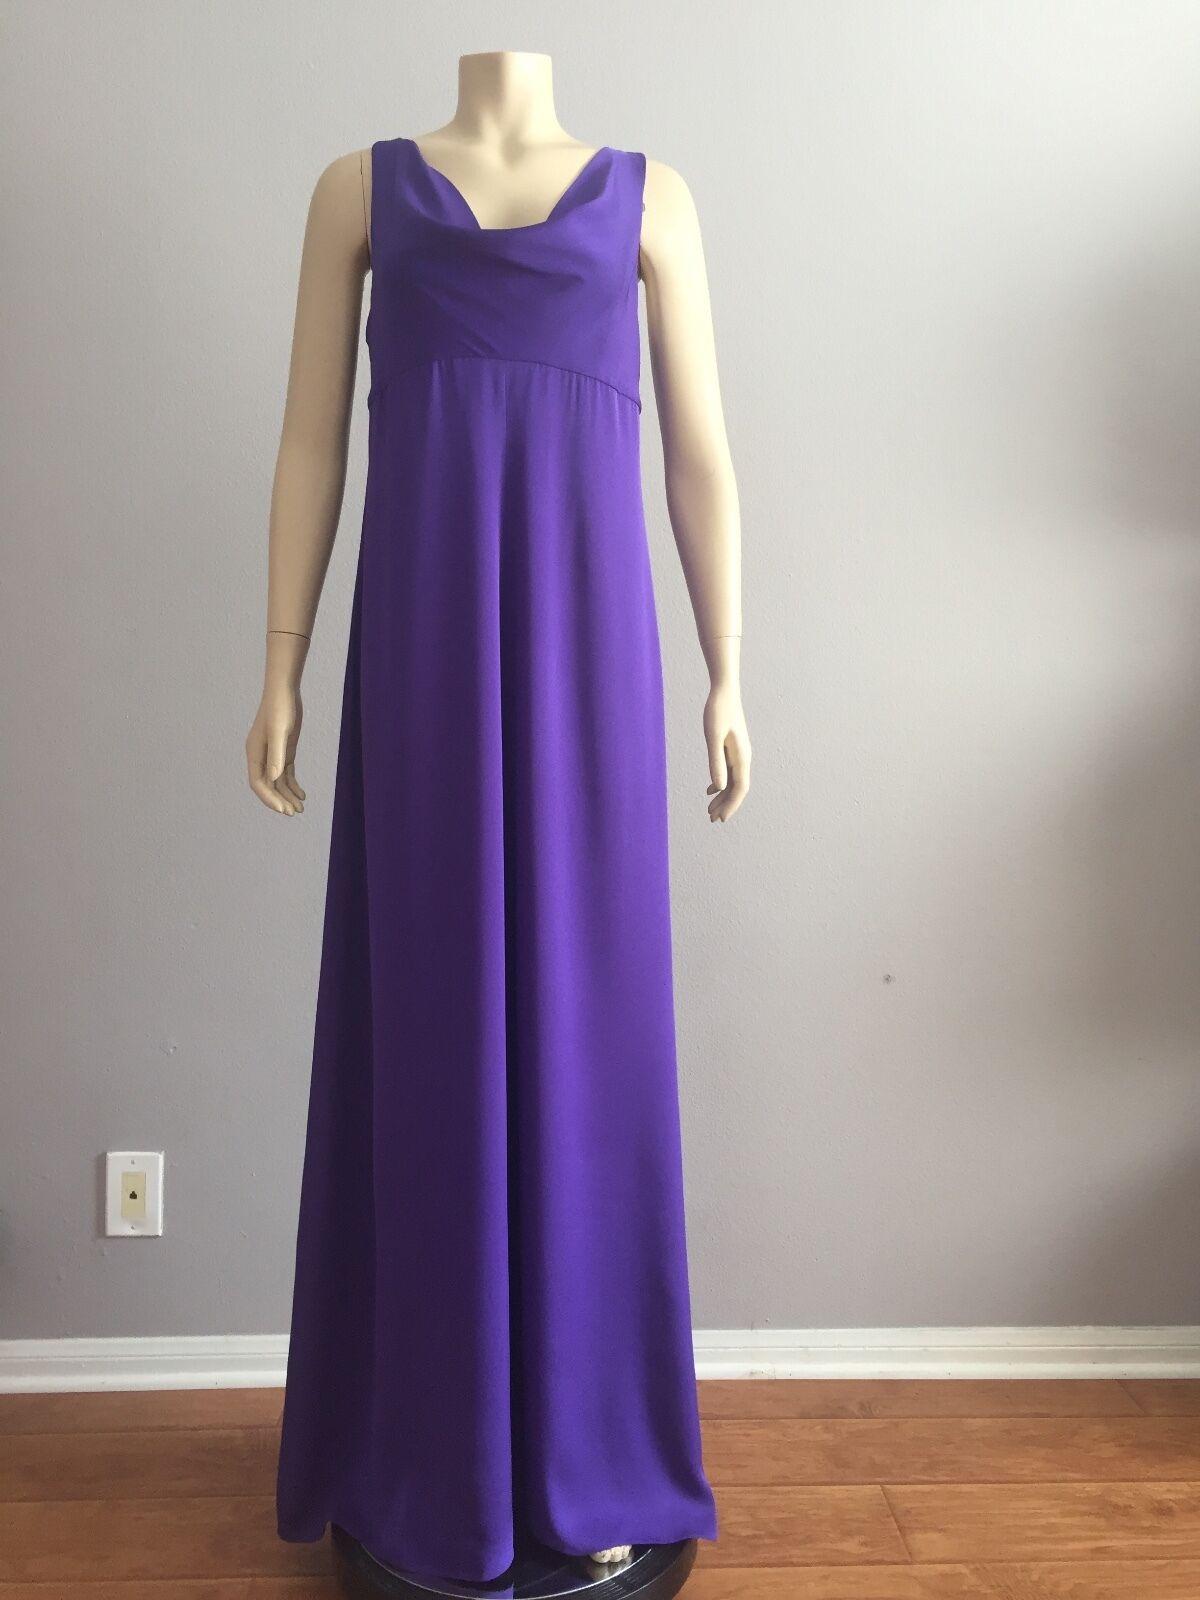 NWT ARMANI COLLEZIONI GOWN PURPLE COLOR, Dress Size 8 8 8 Tag Price  1,725 4c6266